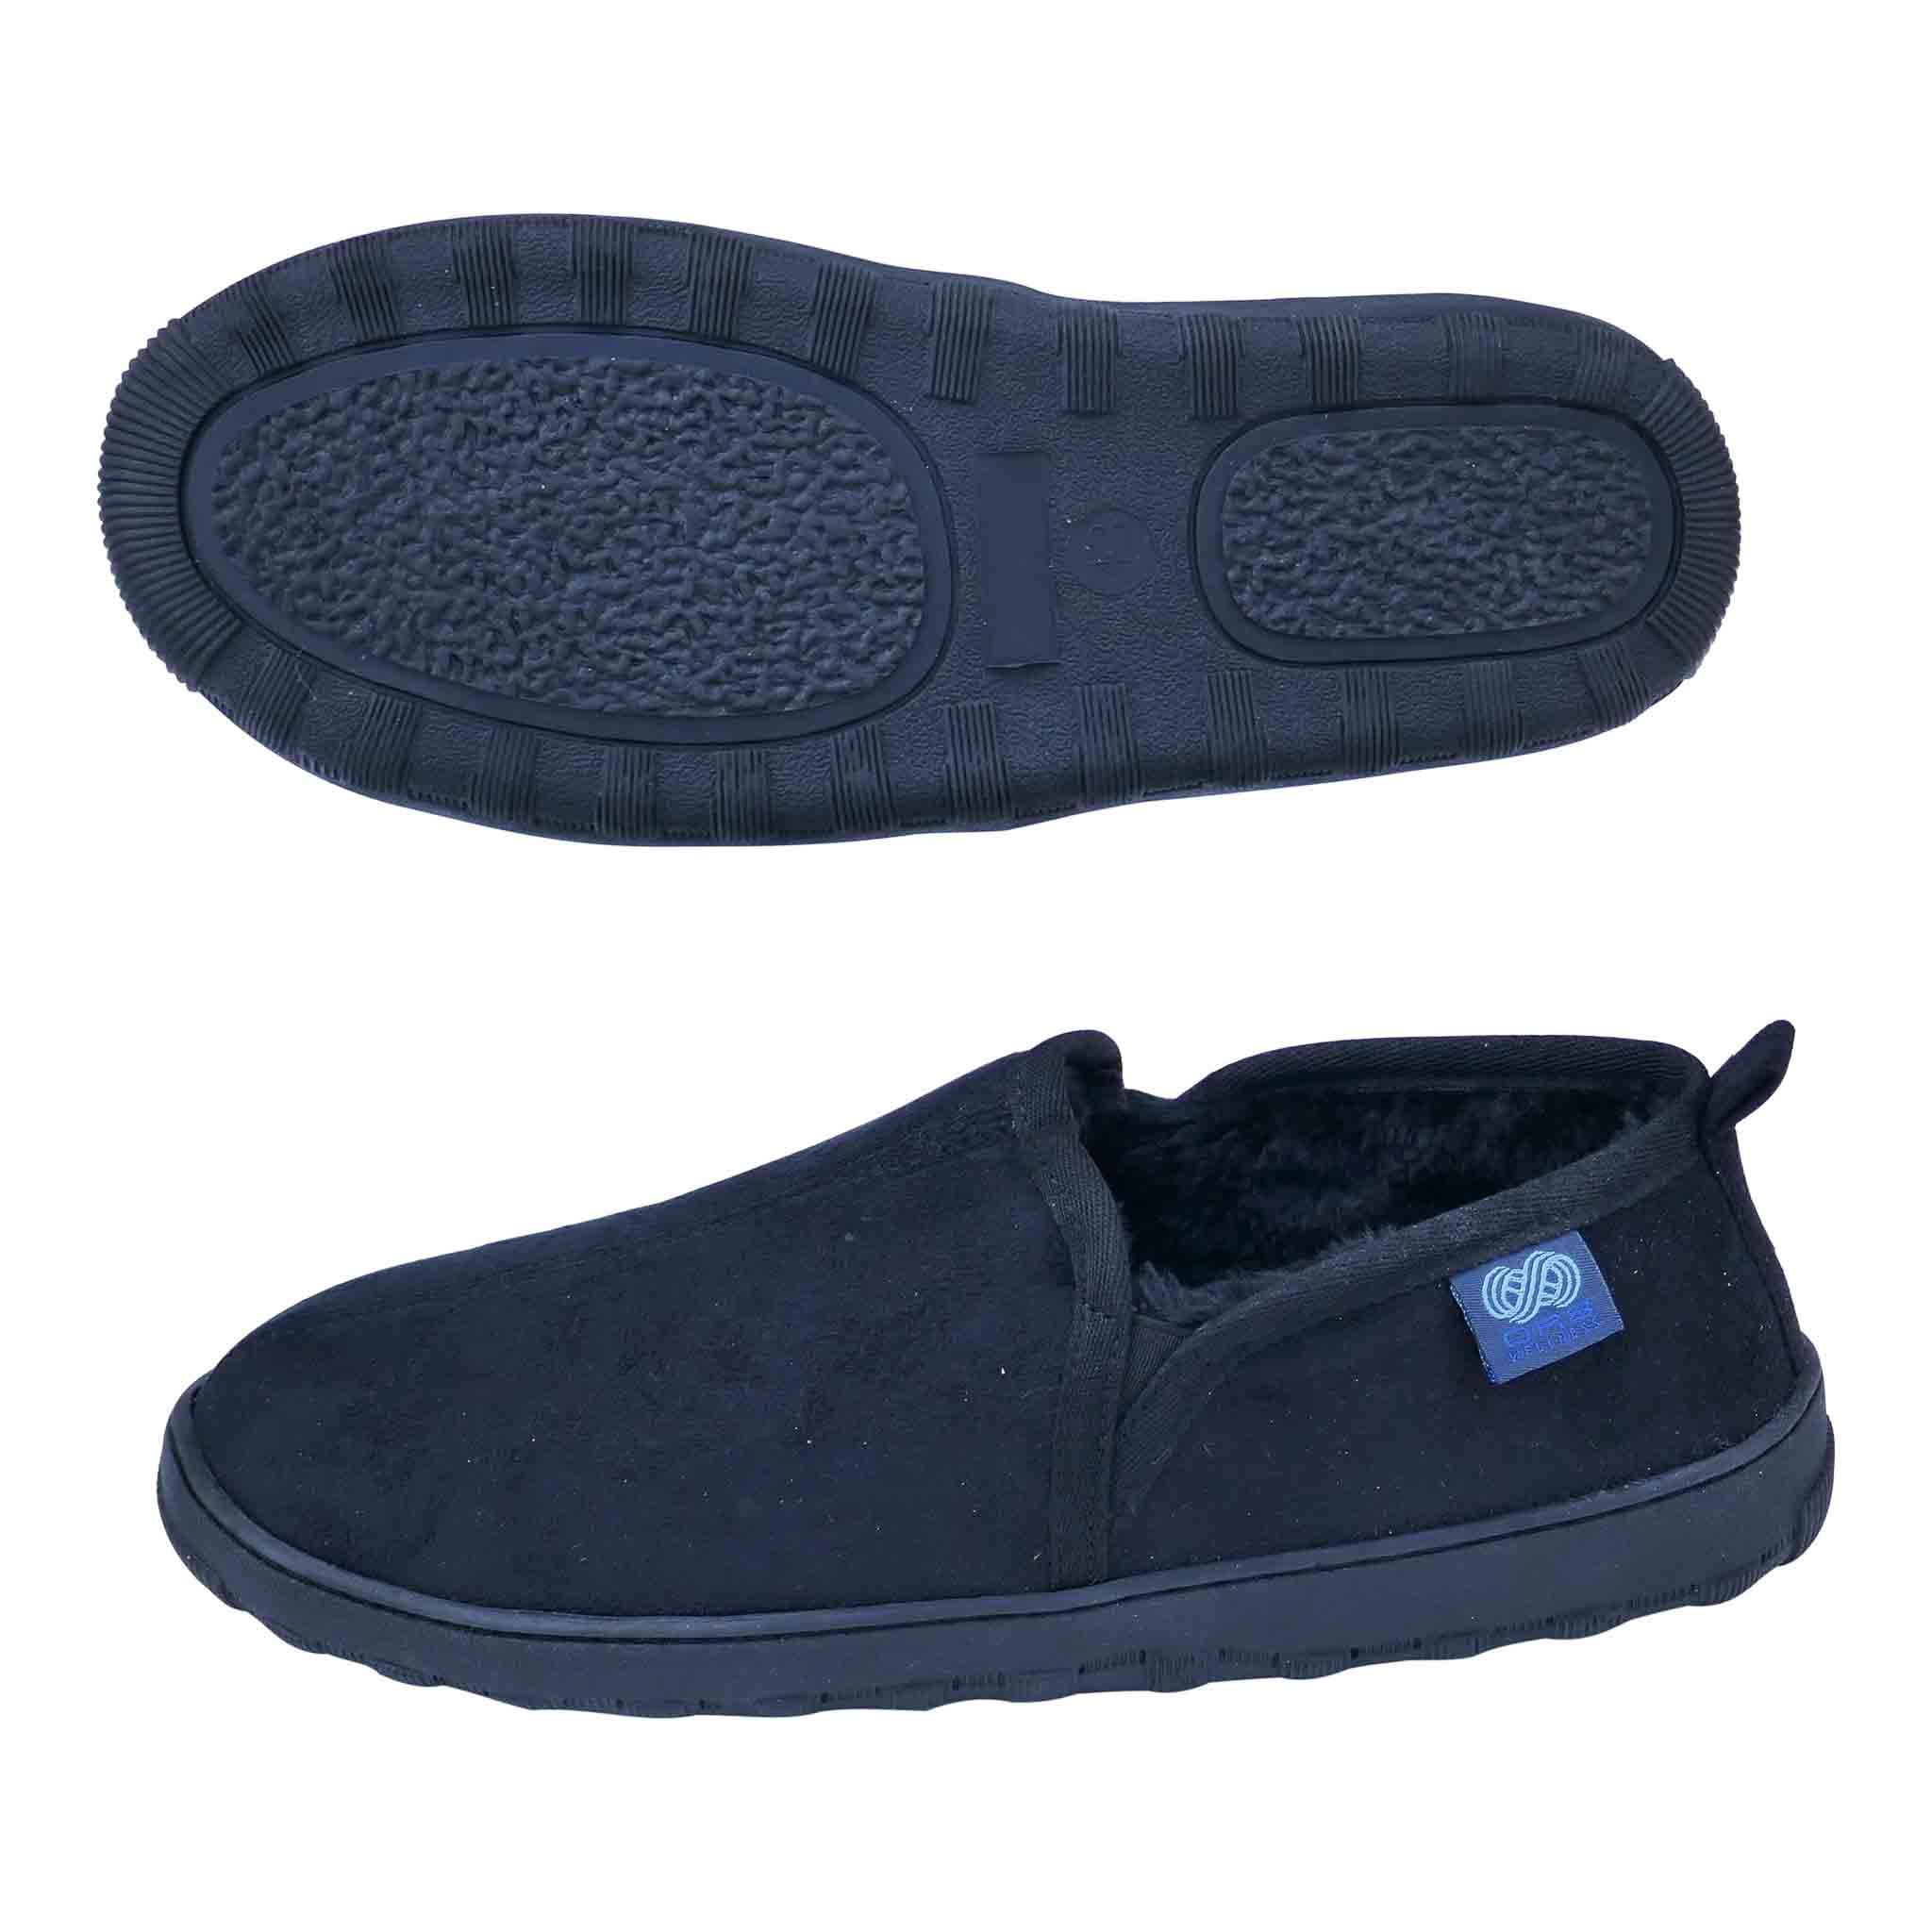 Orthopedic slippers mens